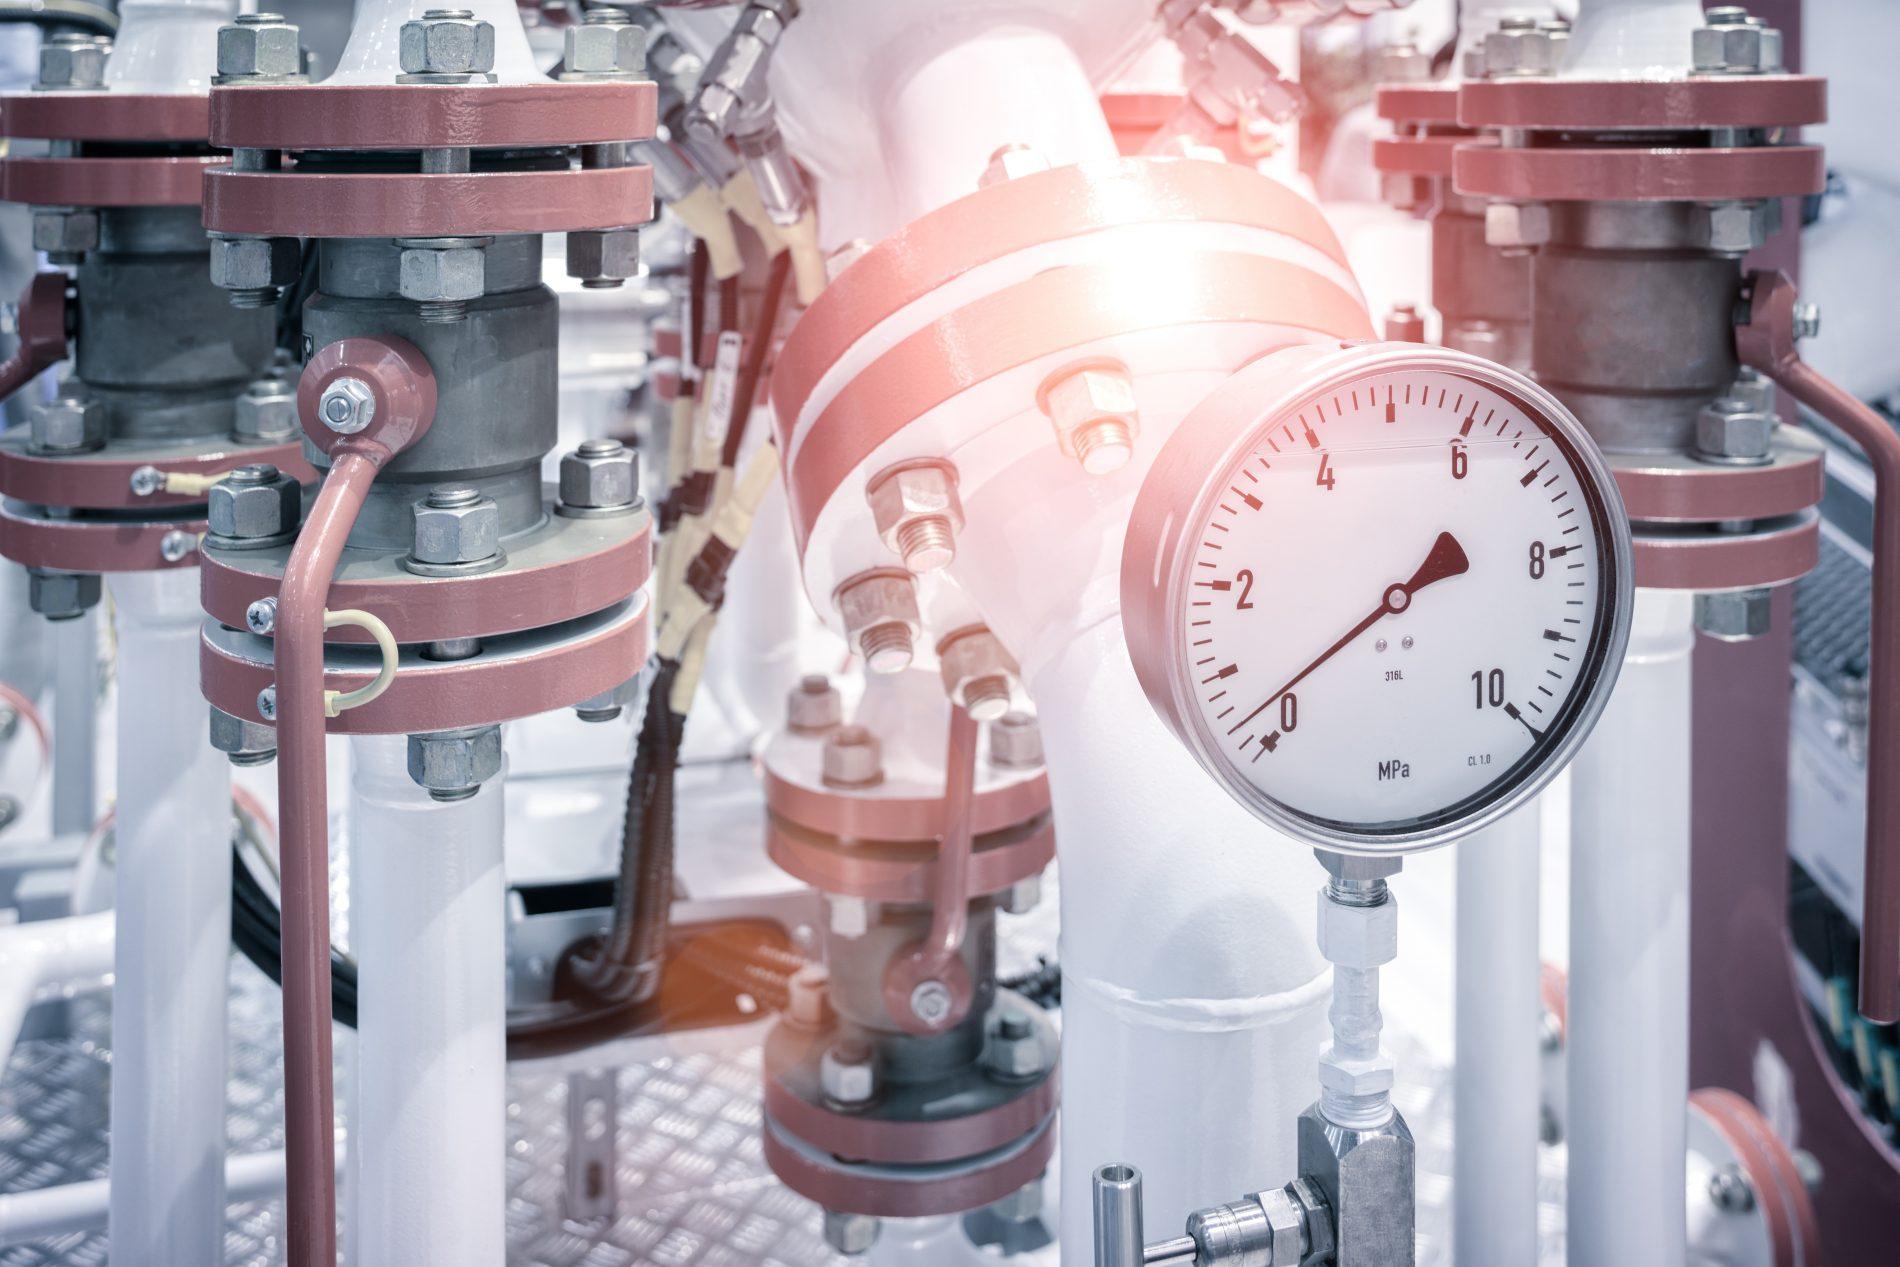 Flowmeter Industrie Toeleverancier Onderdelen Maakindustrie Pillen Group